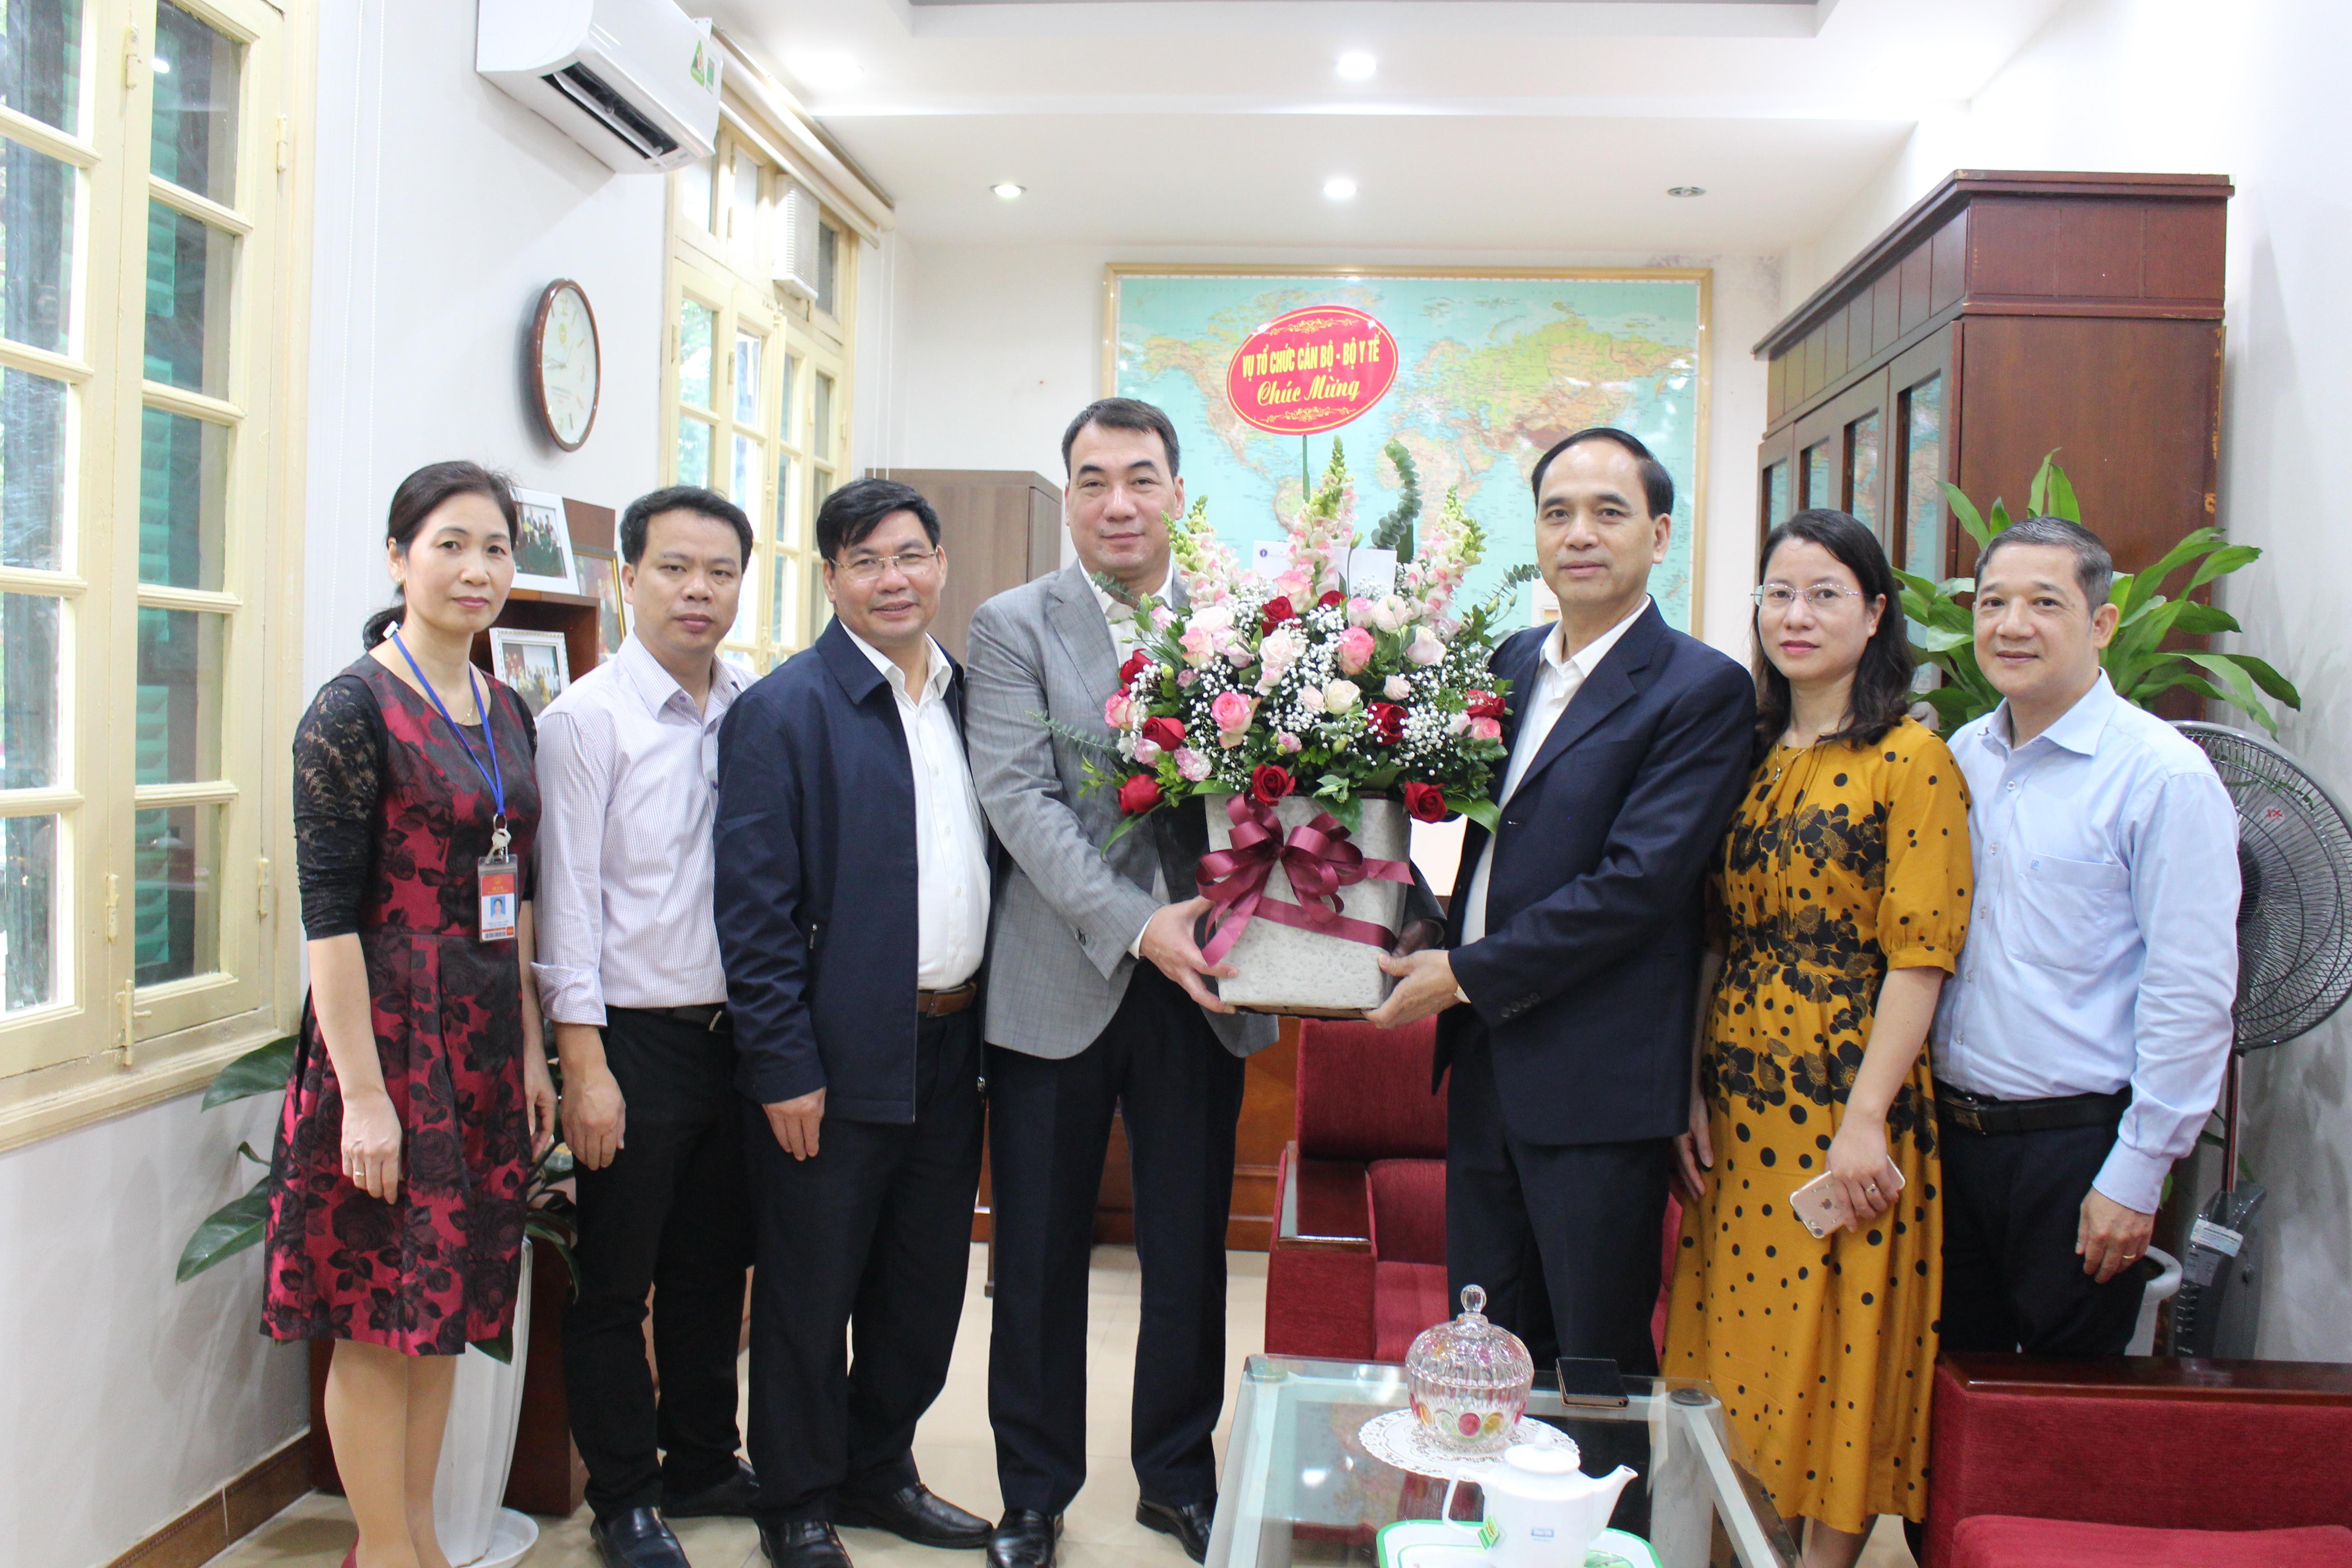 Vụ Tổ chức cán bộ chúc mừng Cục Khoa học công nghệ và đào tạo ngày nhà giáo Việt Nam 20/11/2018